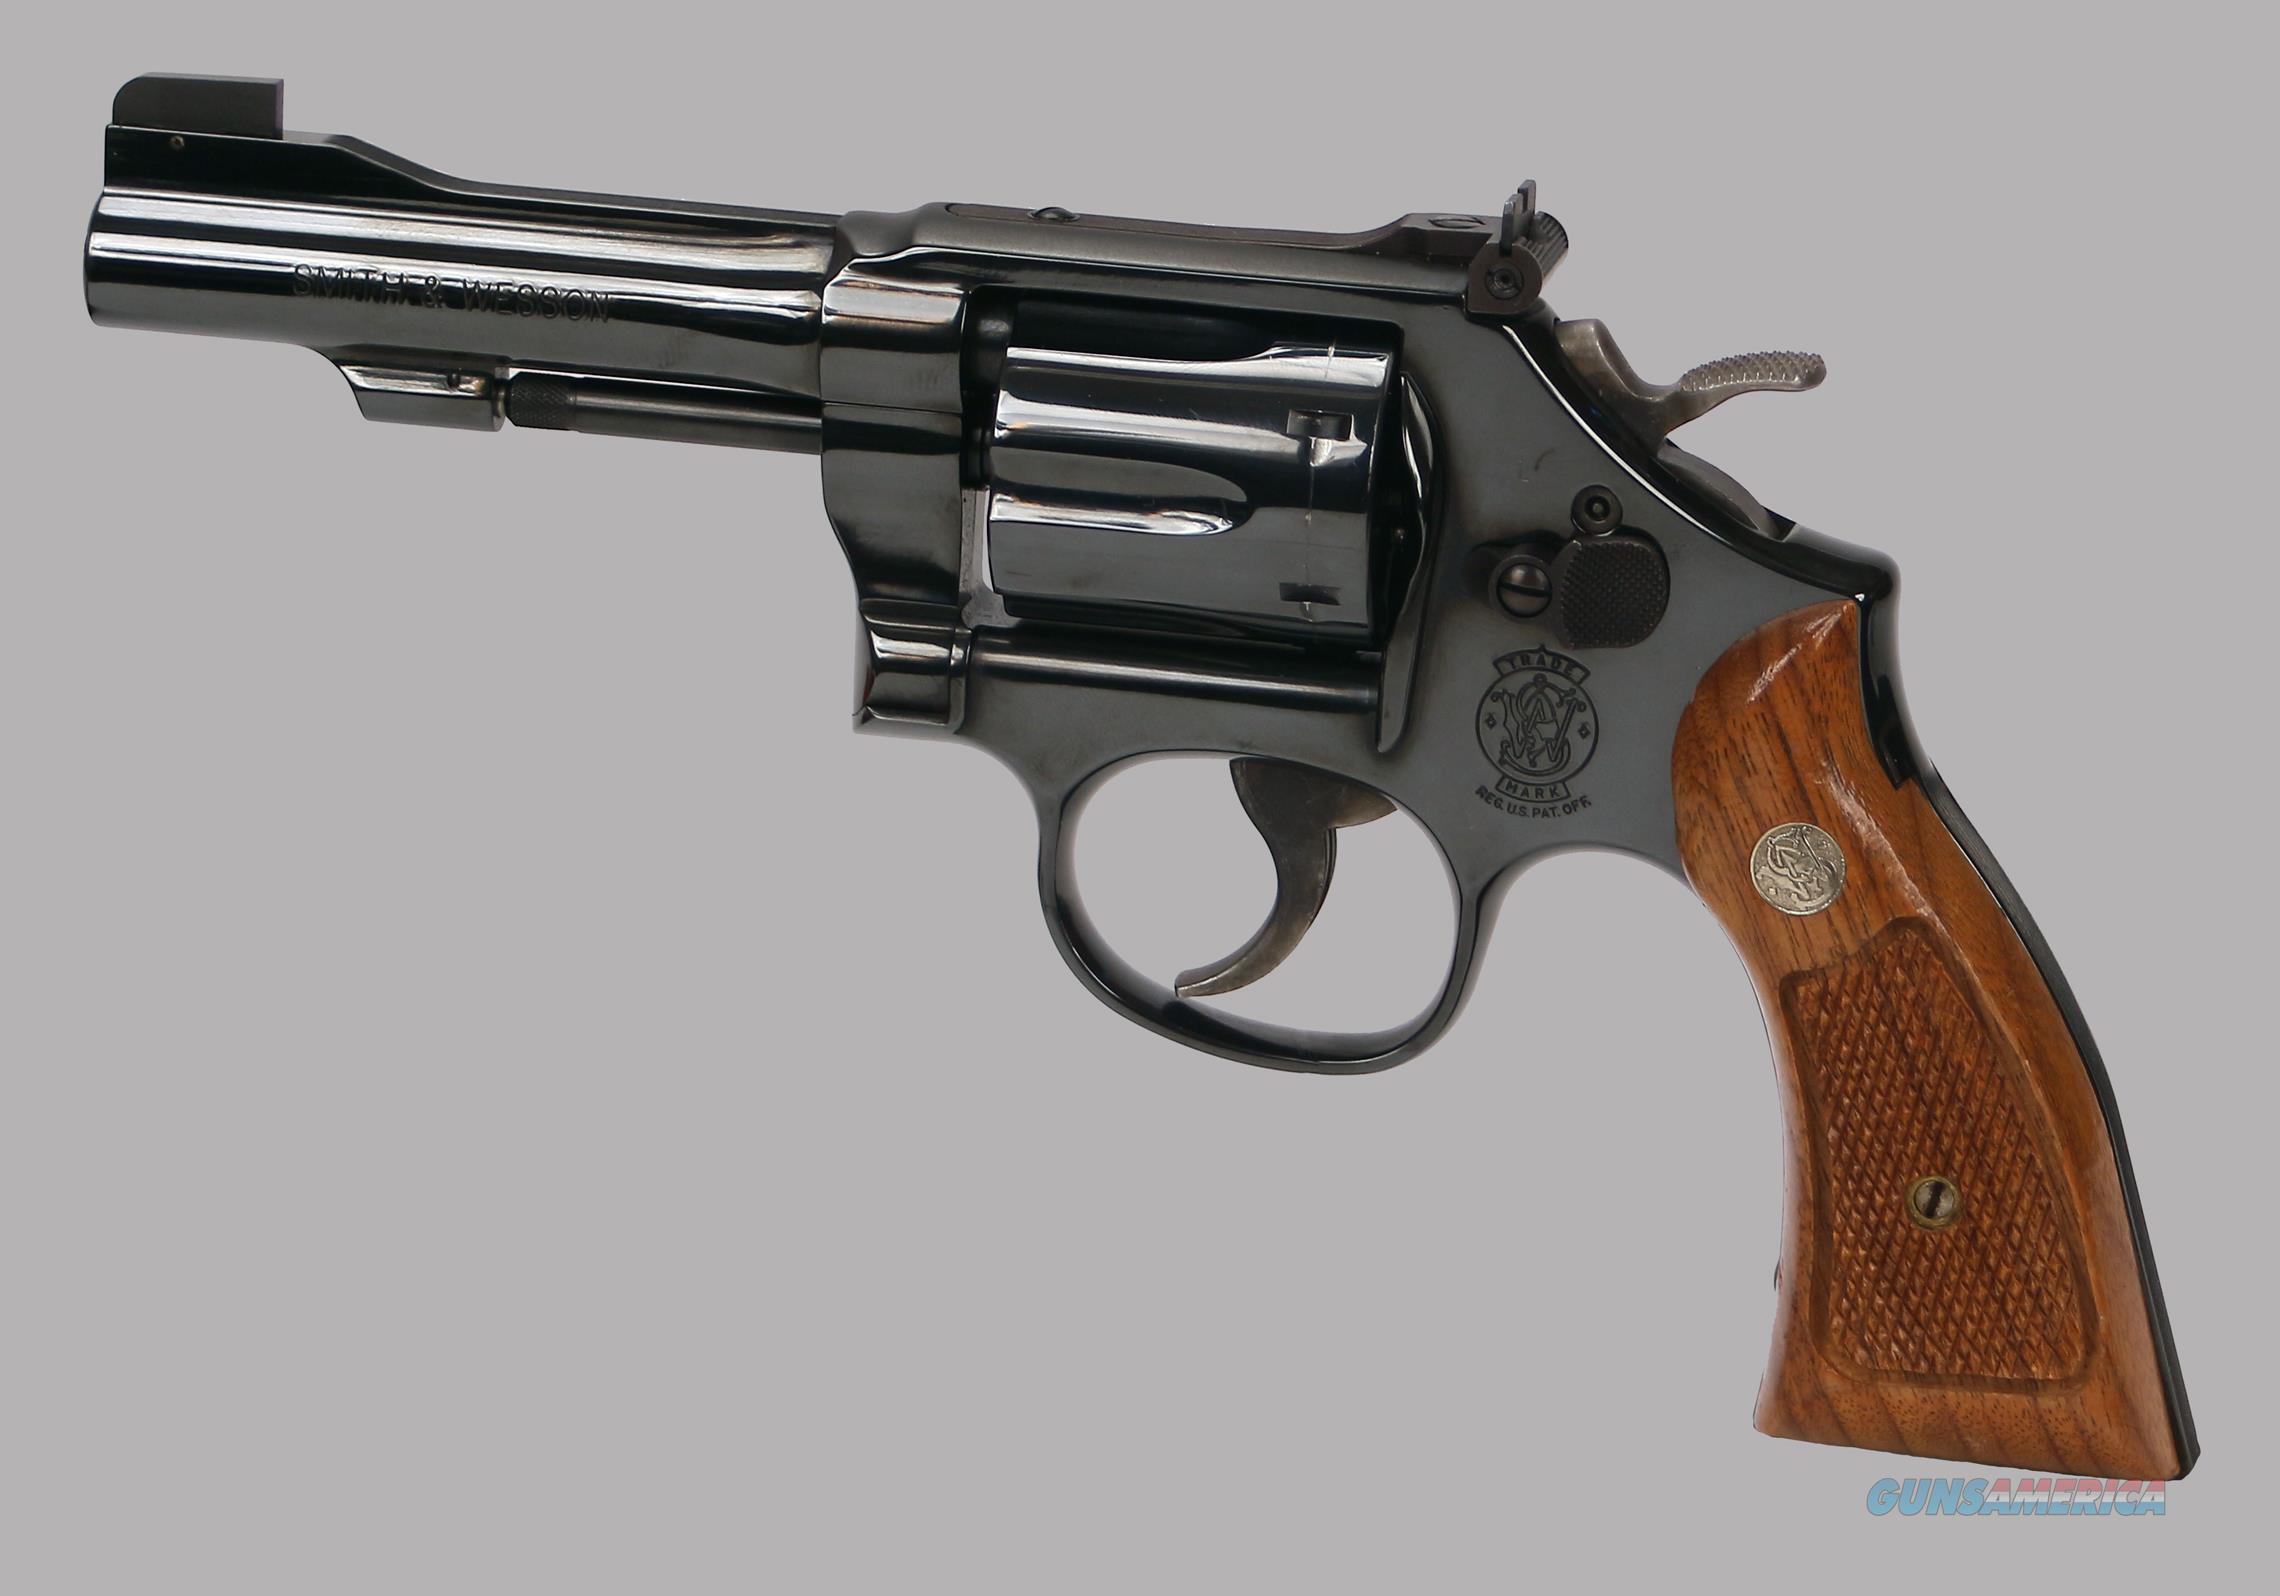 smith wesson 22 magnum model 48 7 revolver for sale. Black Bedroom Furniture Sets. Home Design Ideas